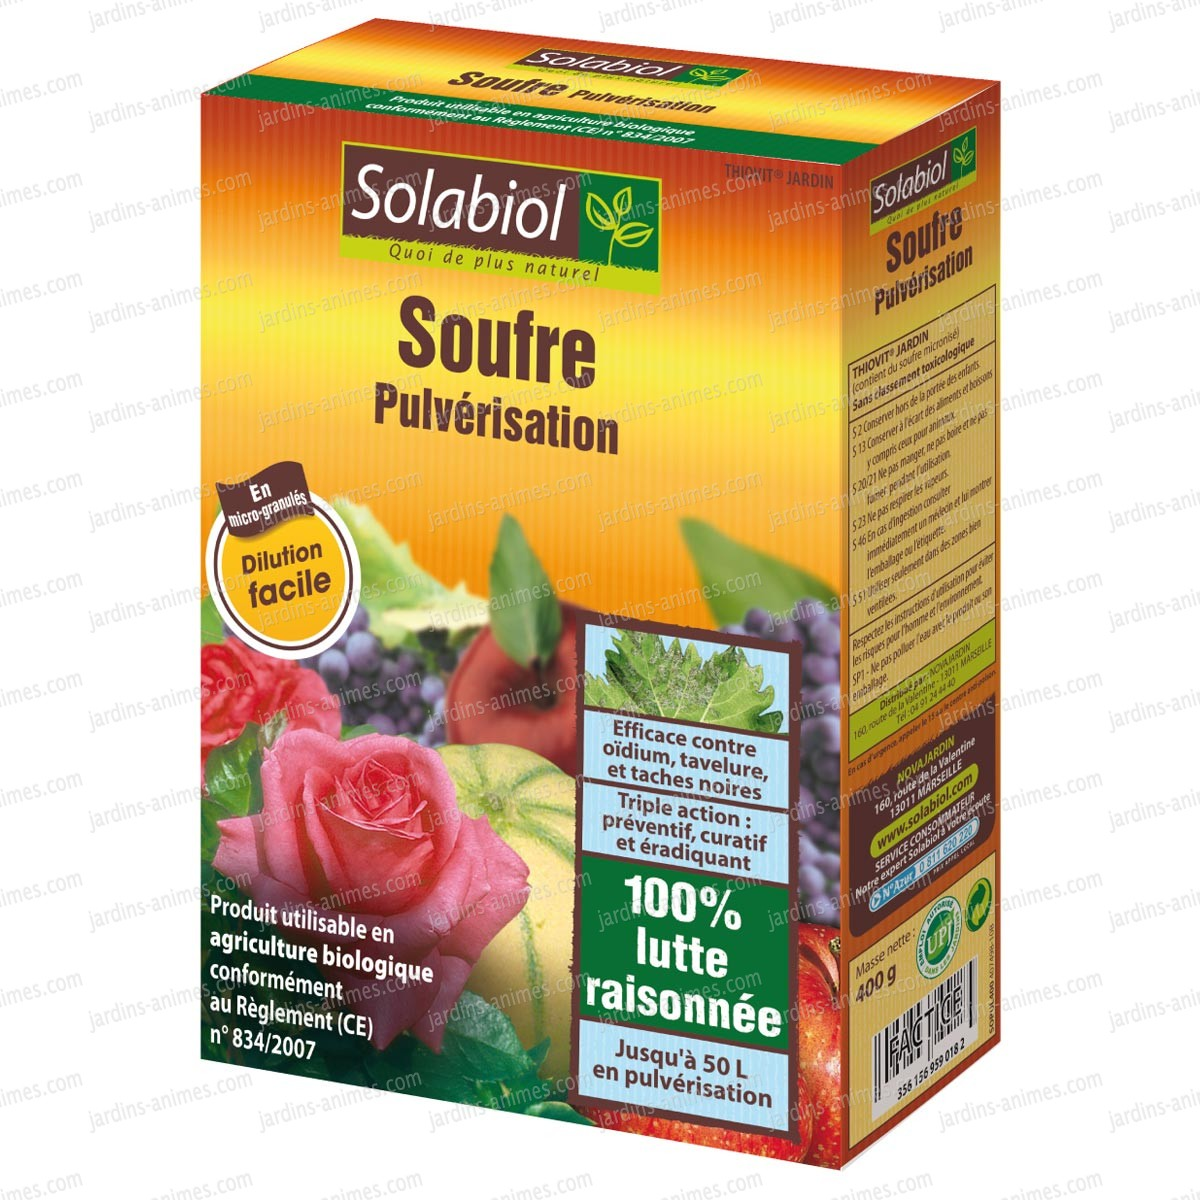 Soufre contre oidium tache noire maladie des rosiers 400g fongicide bio - Produit fongicide pour murs ...